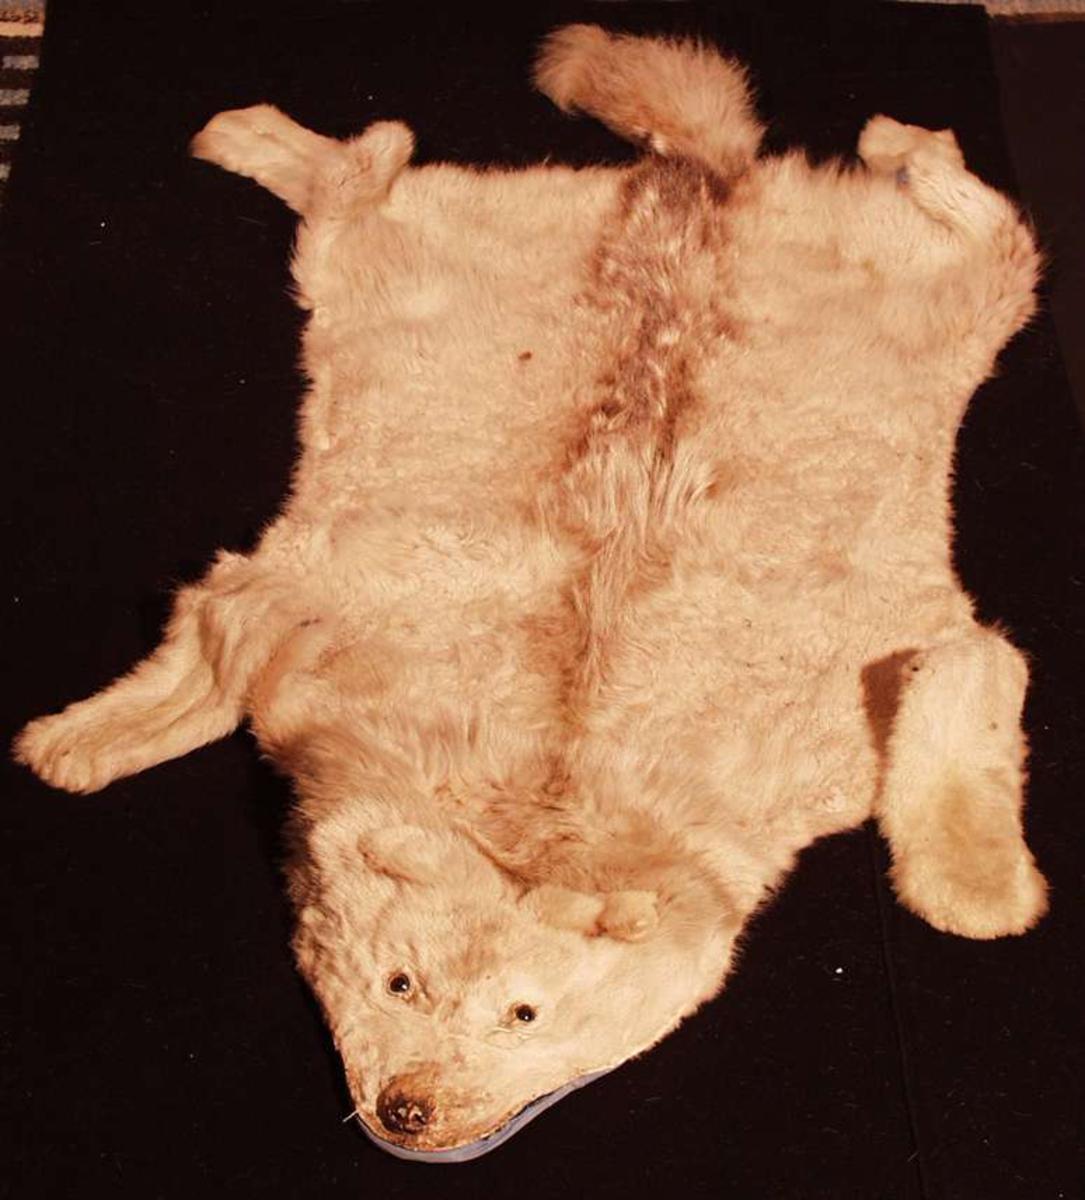 Polarulvskinn foret med lyseblått to-skafts bomullstøy. Utbrettet fell med hode, hale, ben, mer langhåret i nakke, langs rygg mot hale enn ellers. Isatt glassøyne. Fargen er noe mer brunlig over nakke og rygg mot hale, såkalt ål.